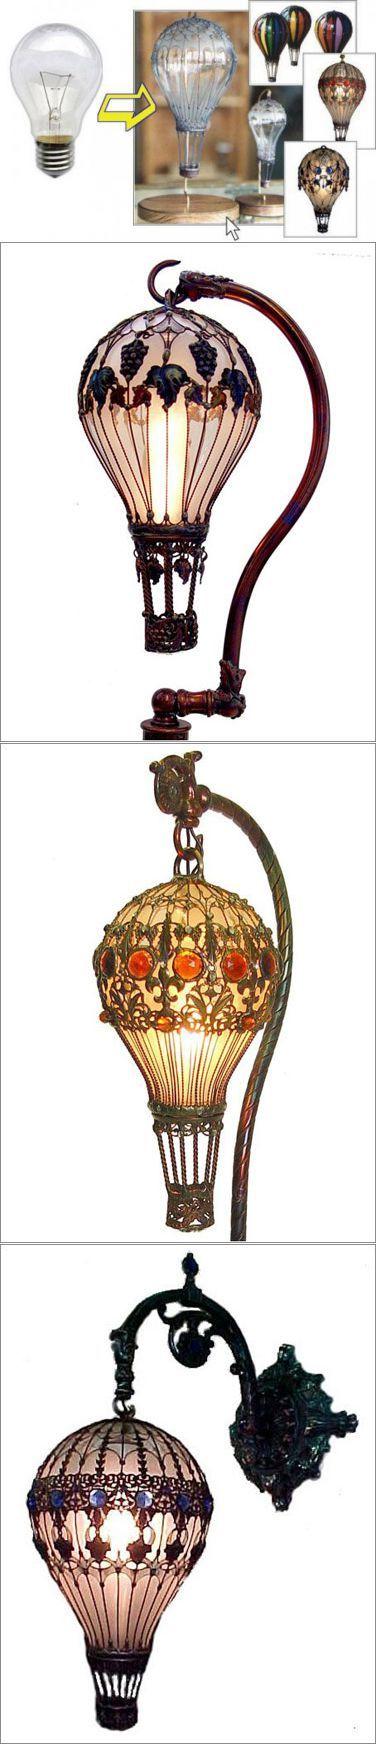 Поделки из лампочек | Самоделки